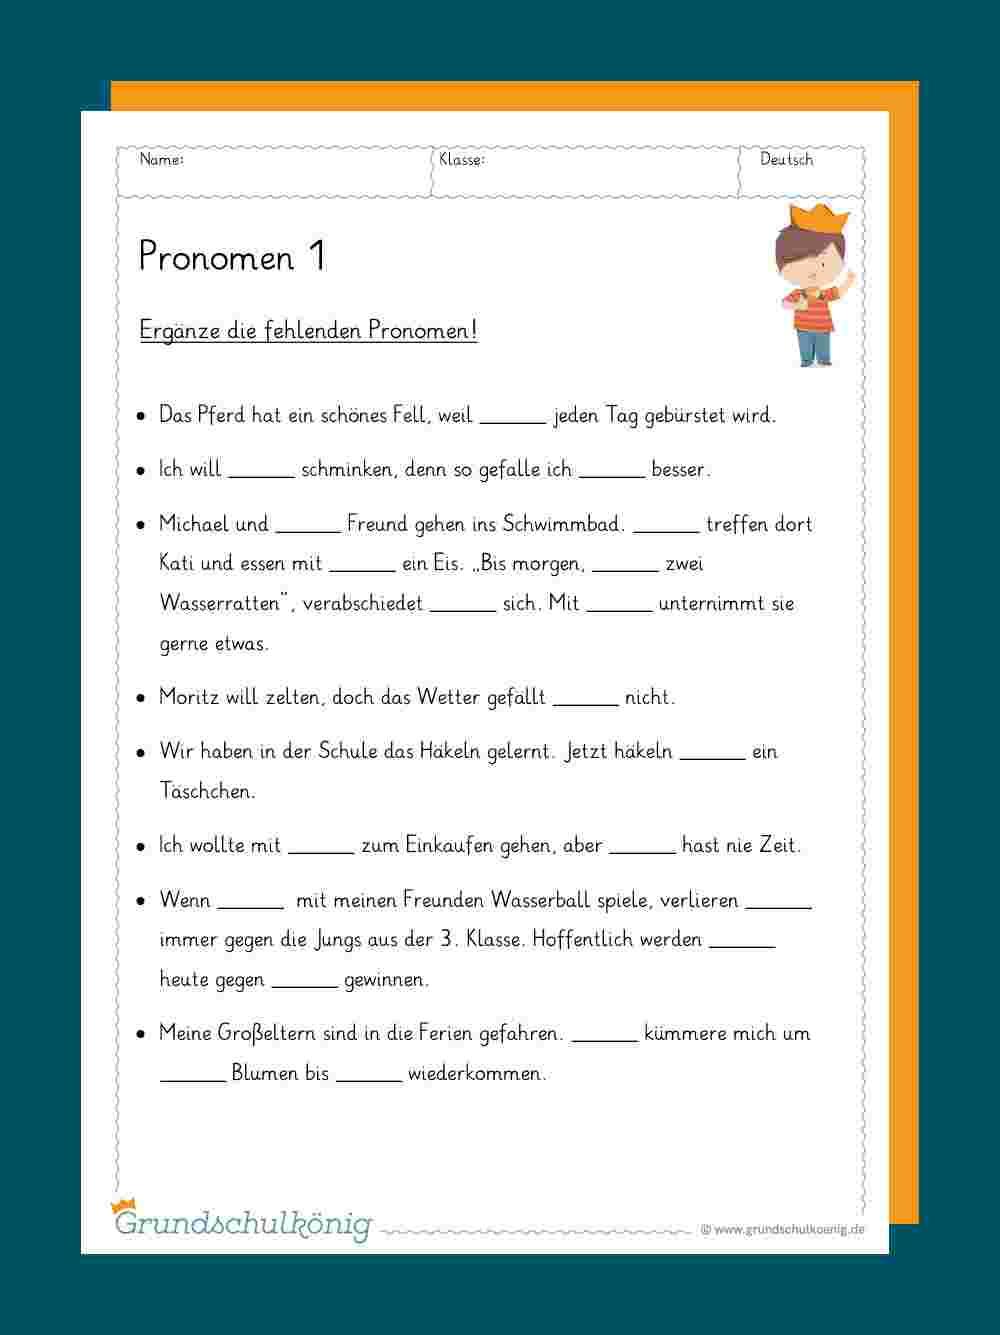 Pronomen in Übungsaufgaben Deutsch Klasse 4 Kostenlos